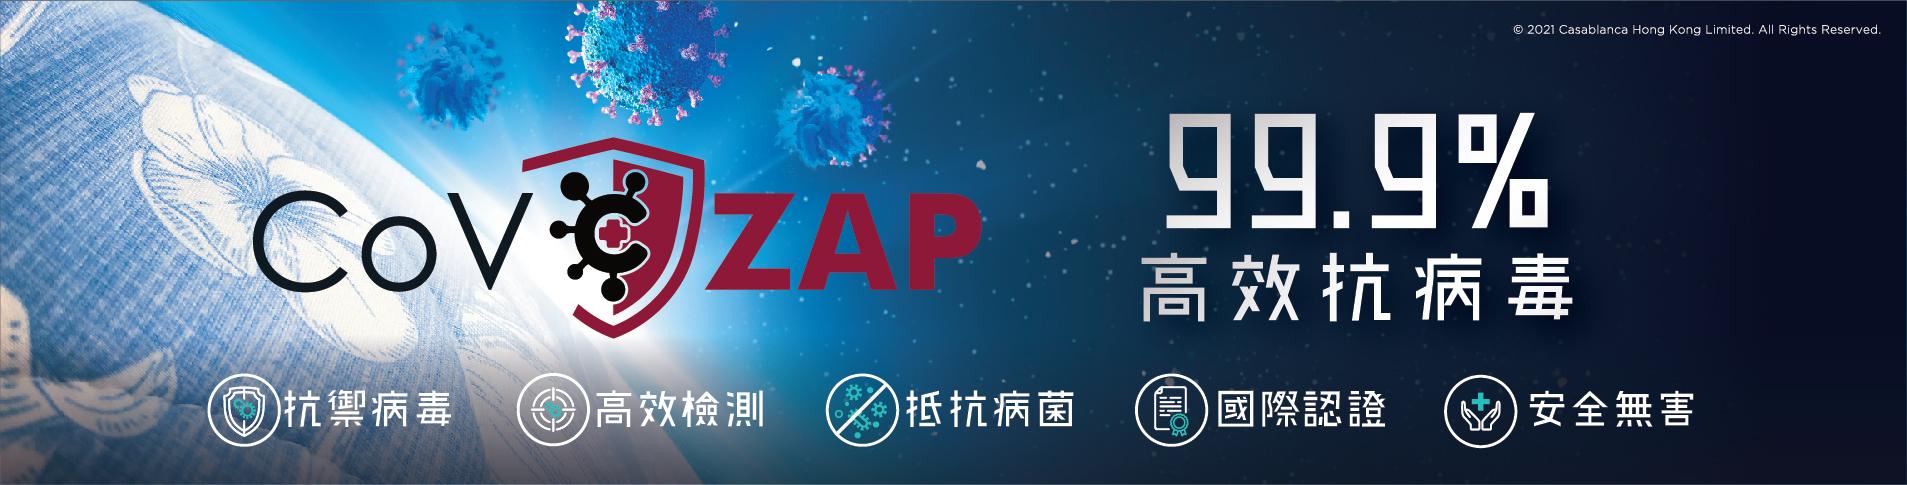 抗病毒 CoV ZAP